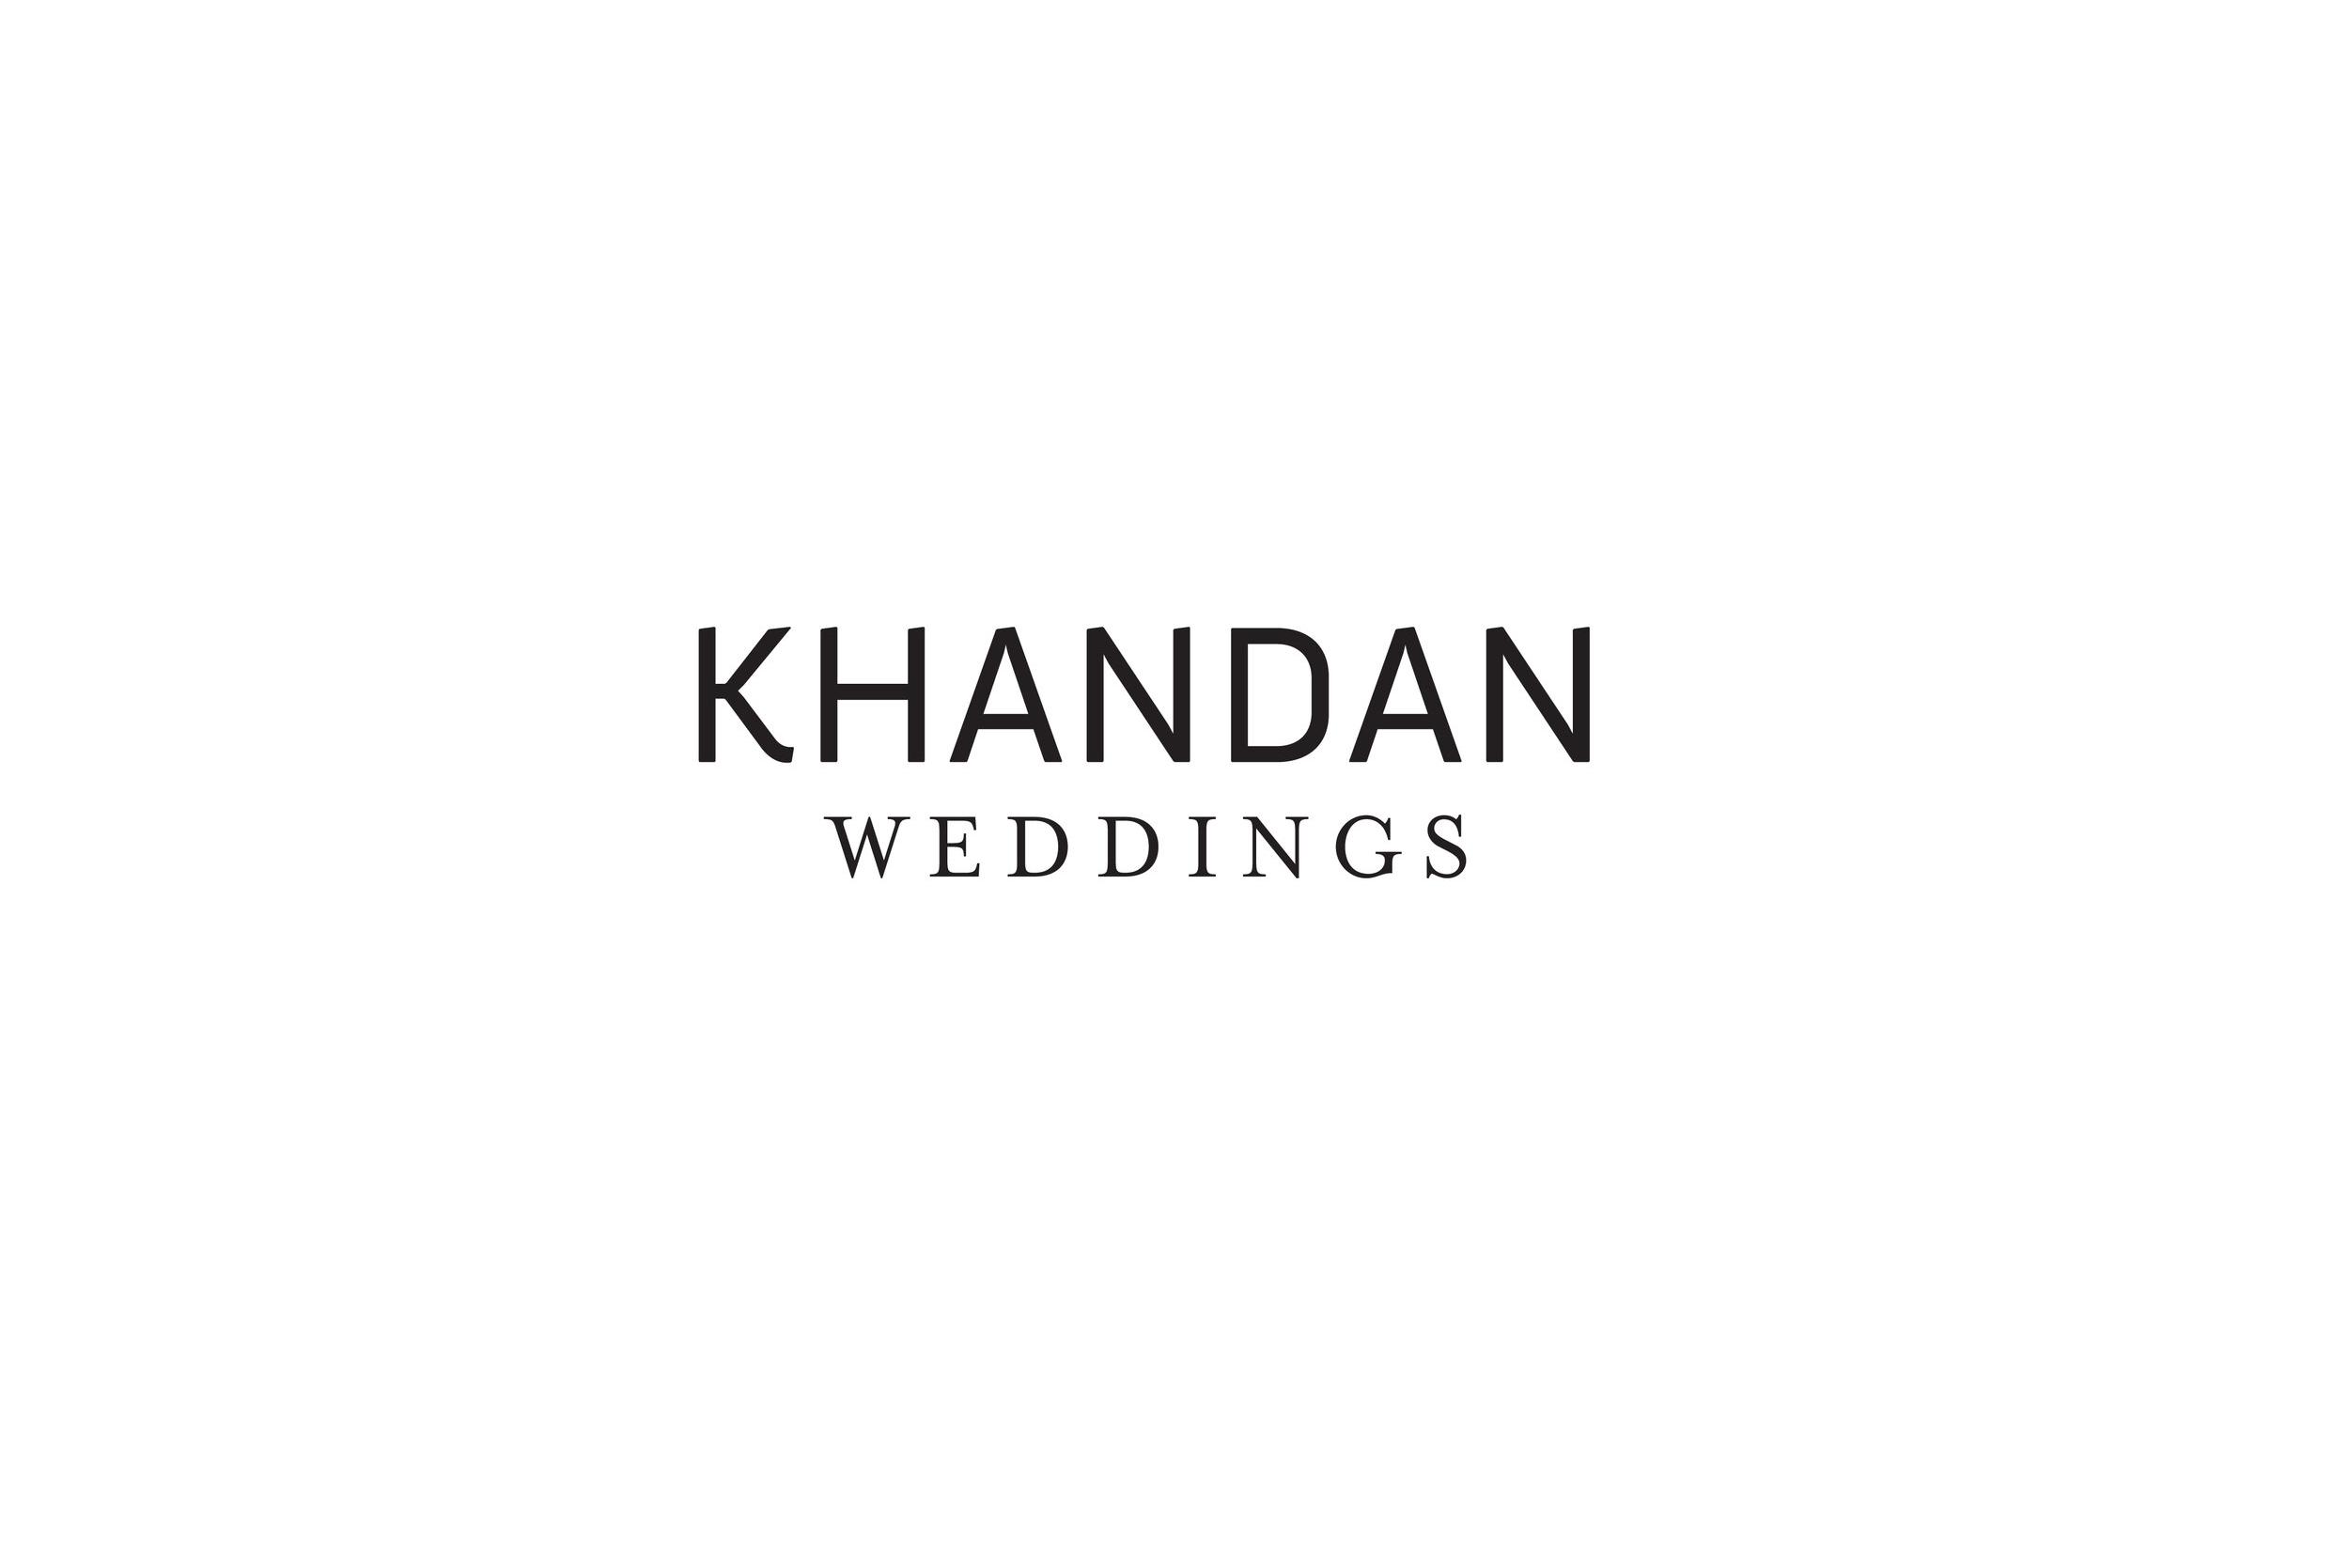 khandan_logo.jpg